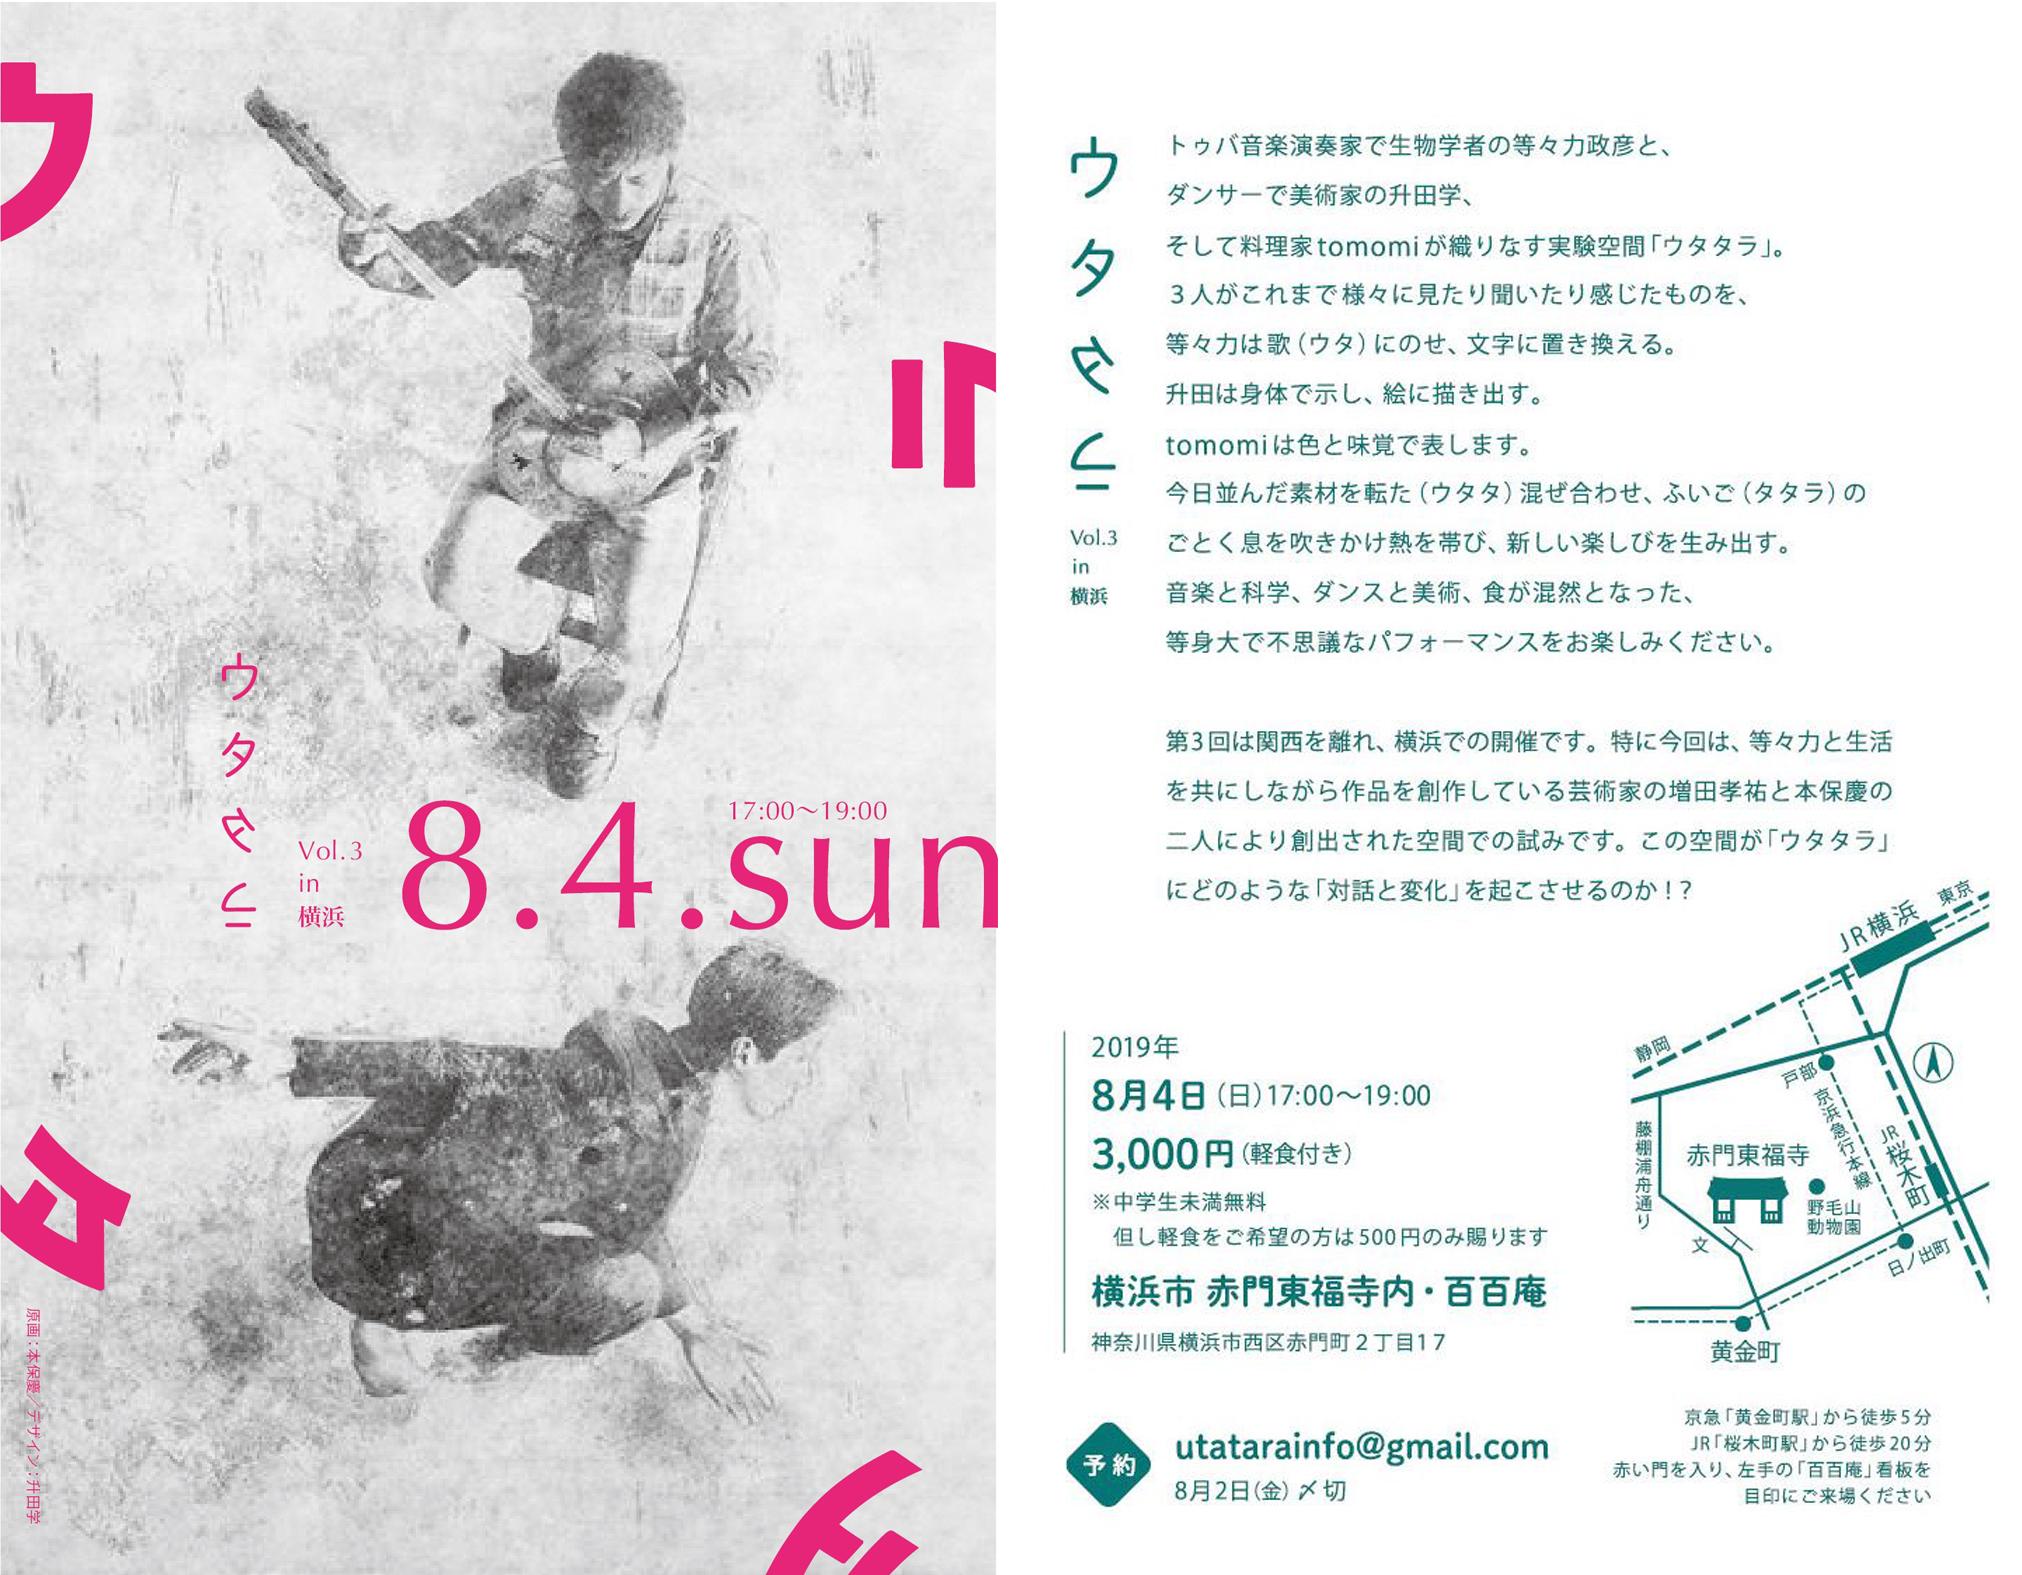 Original art work by Kei Hompo  Design by Manabu Masuda